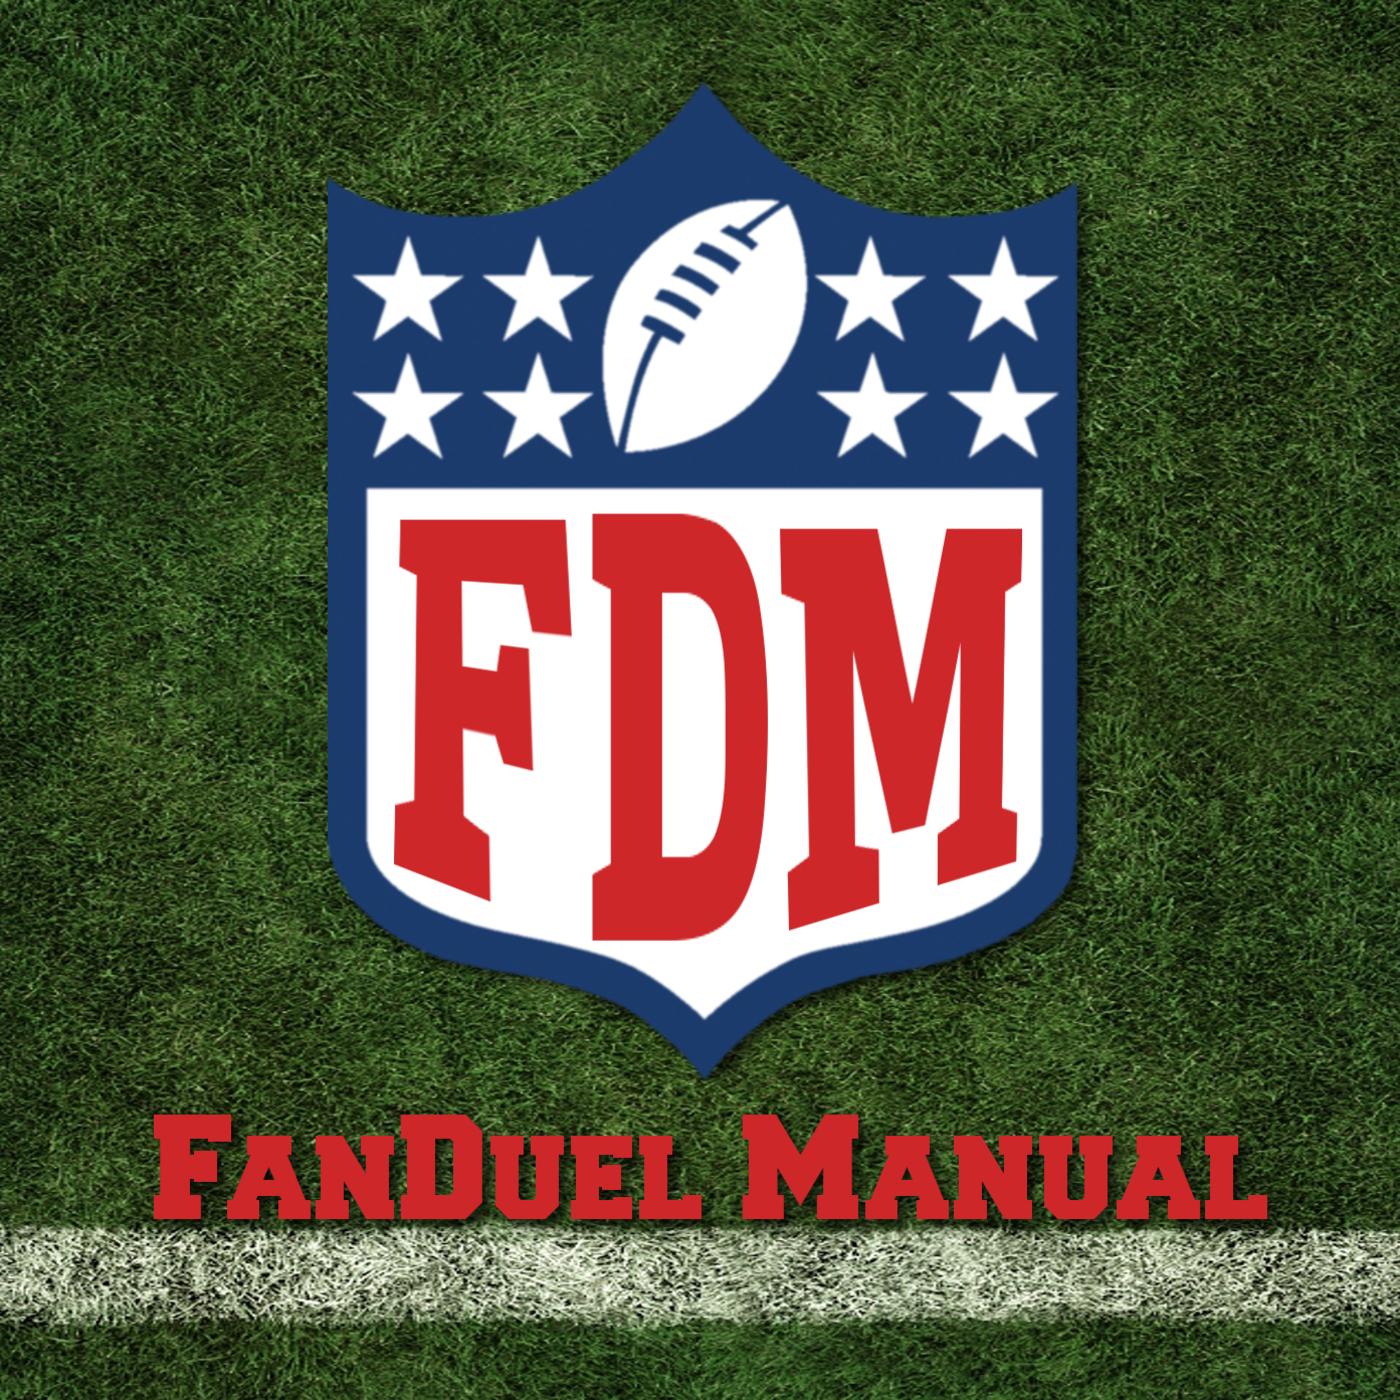 Pod Fanatic Podcast Fanduel Manual Fantasy Football Podcast